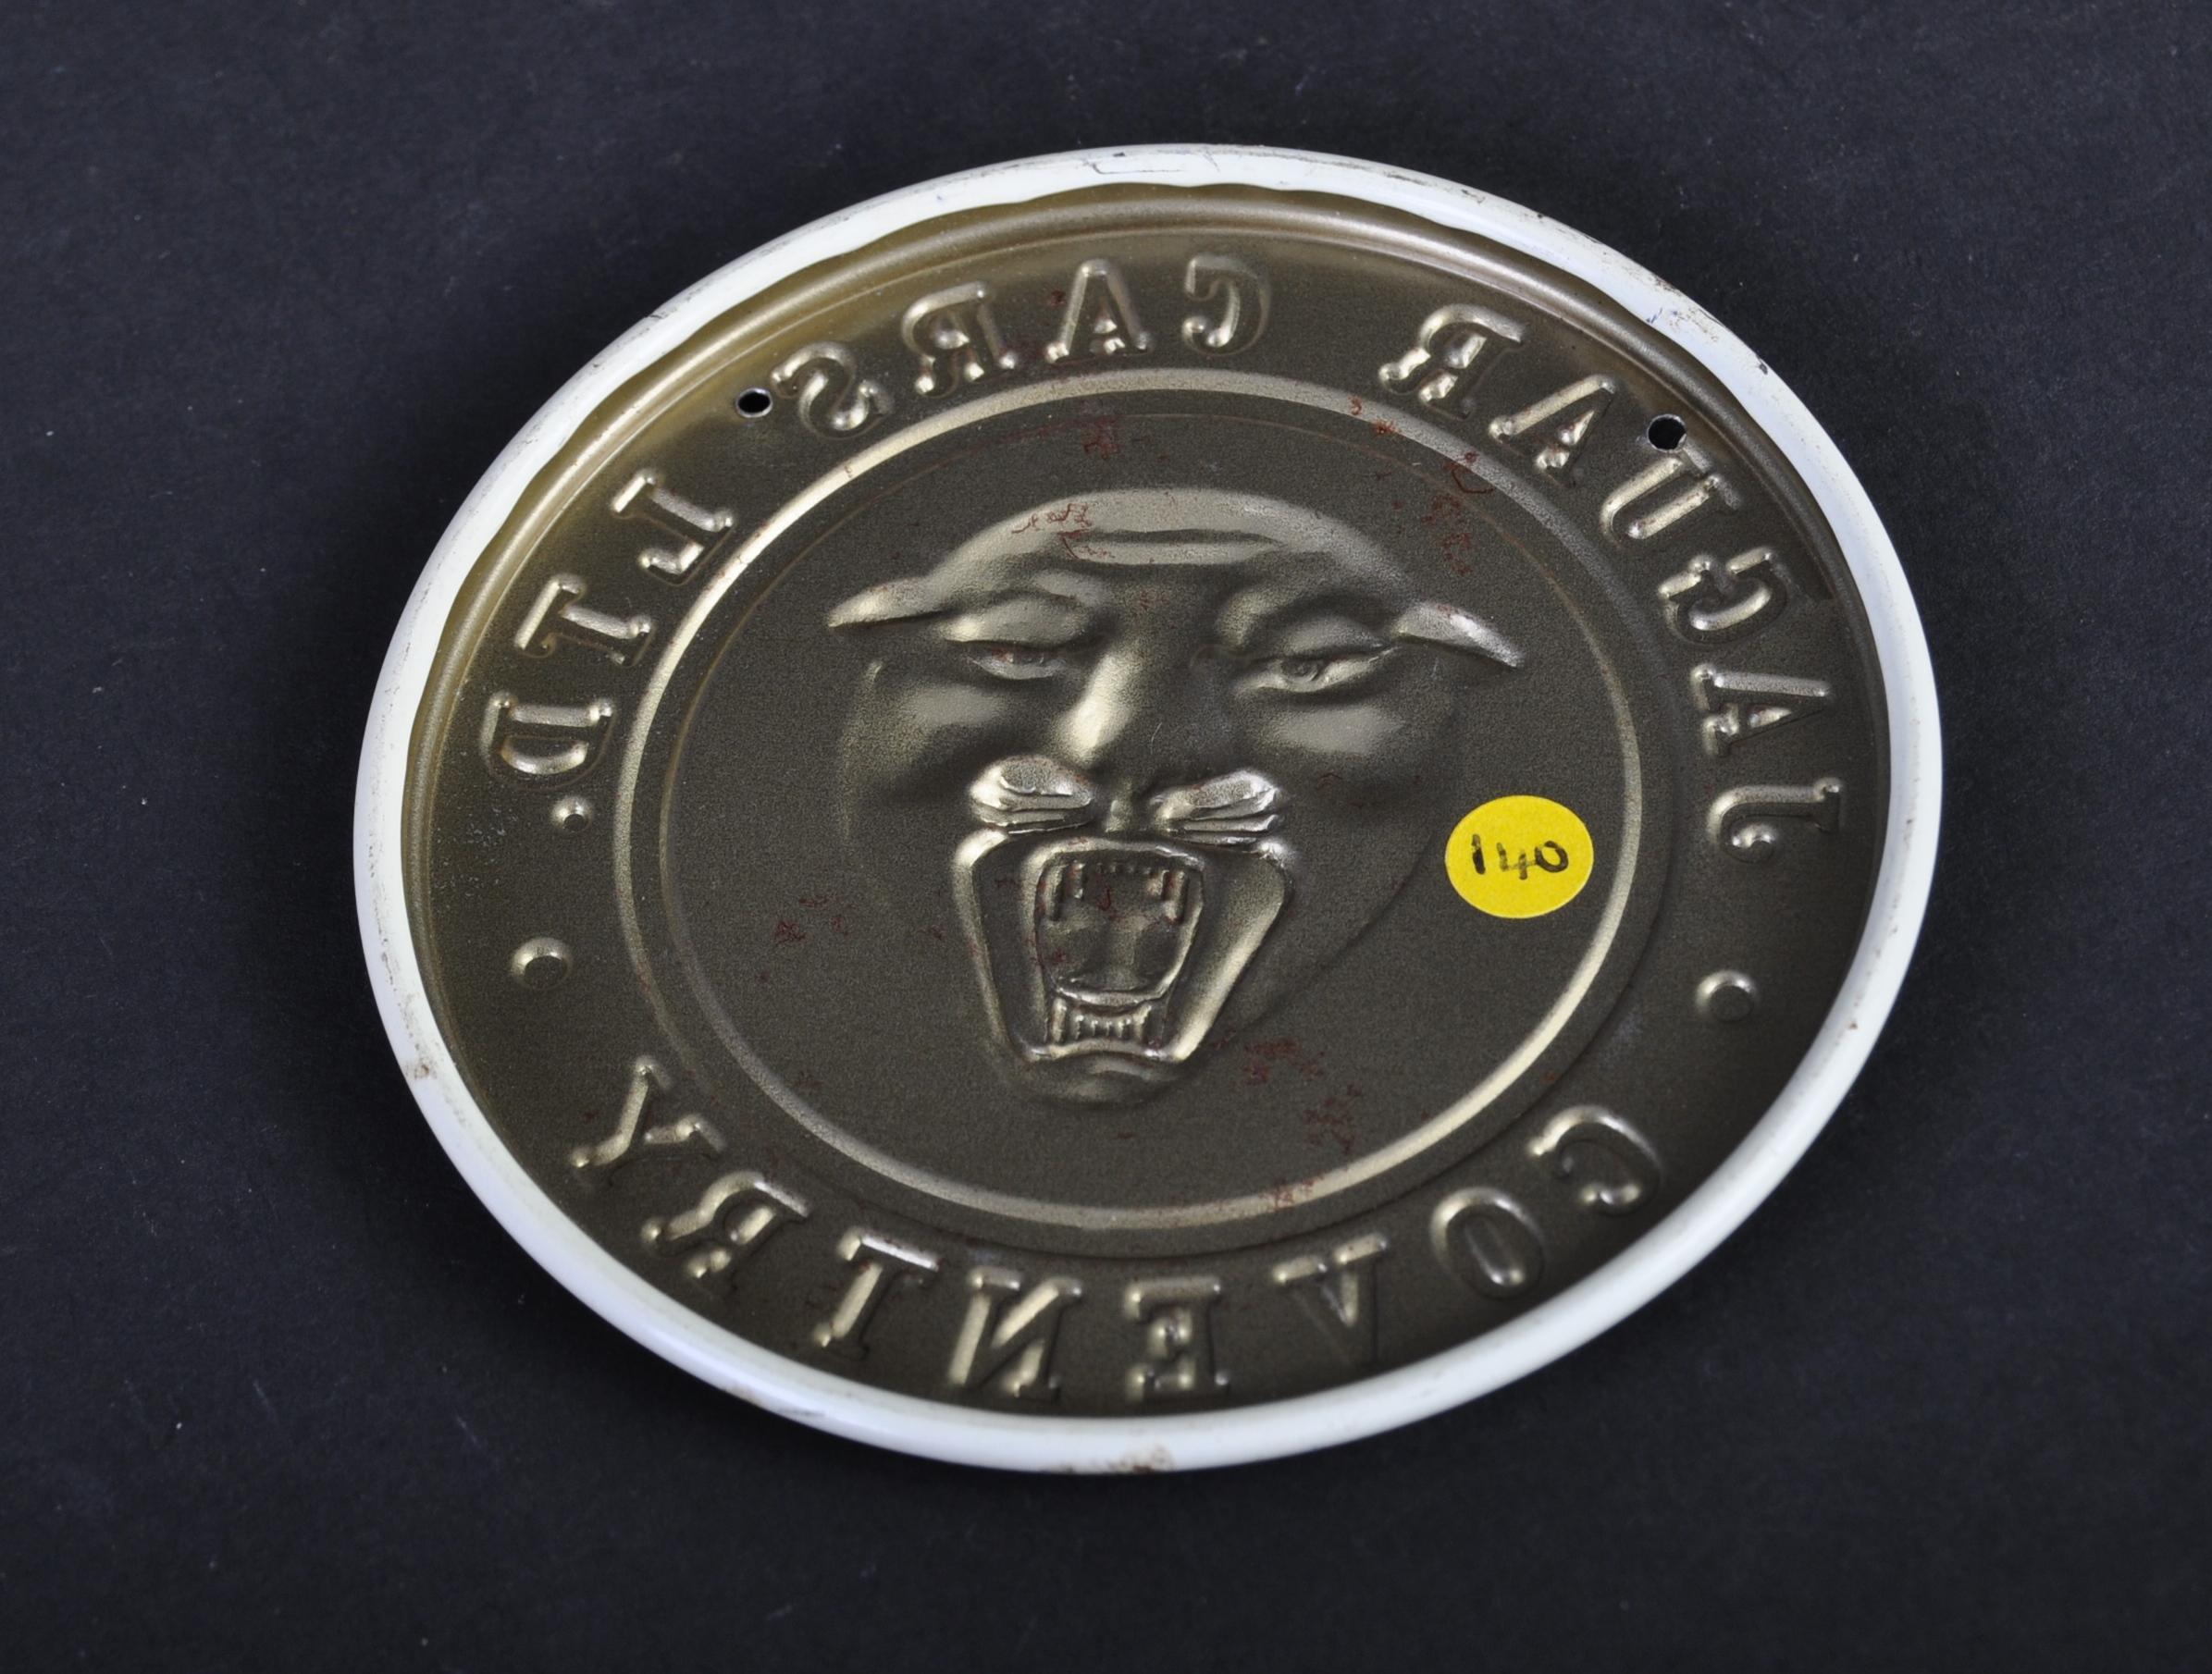 JAGUAR - 1950S AMERICAN CEREAL WHEATIES TIN EMBLEM - Image 3 of 3